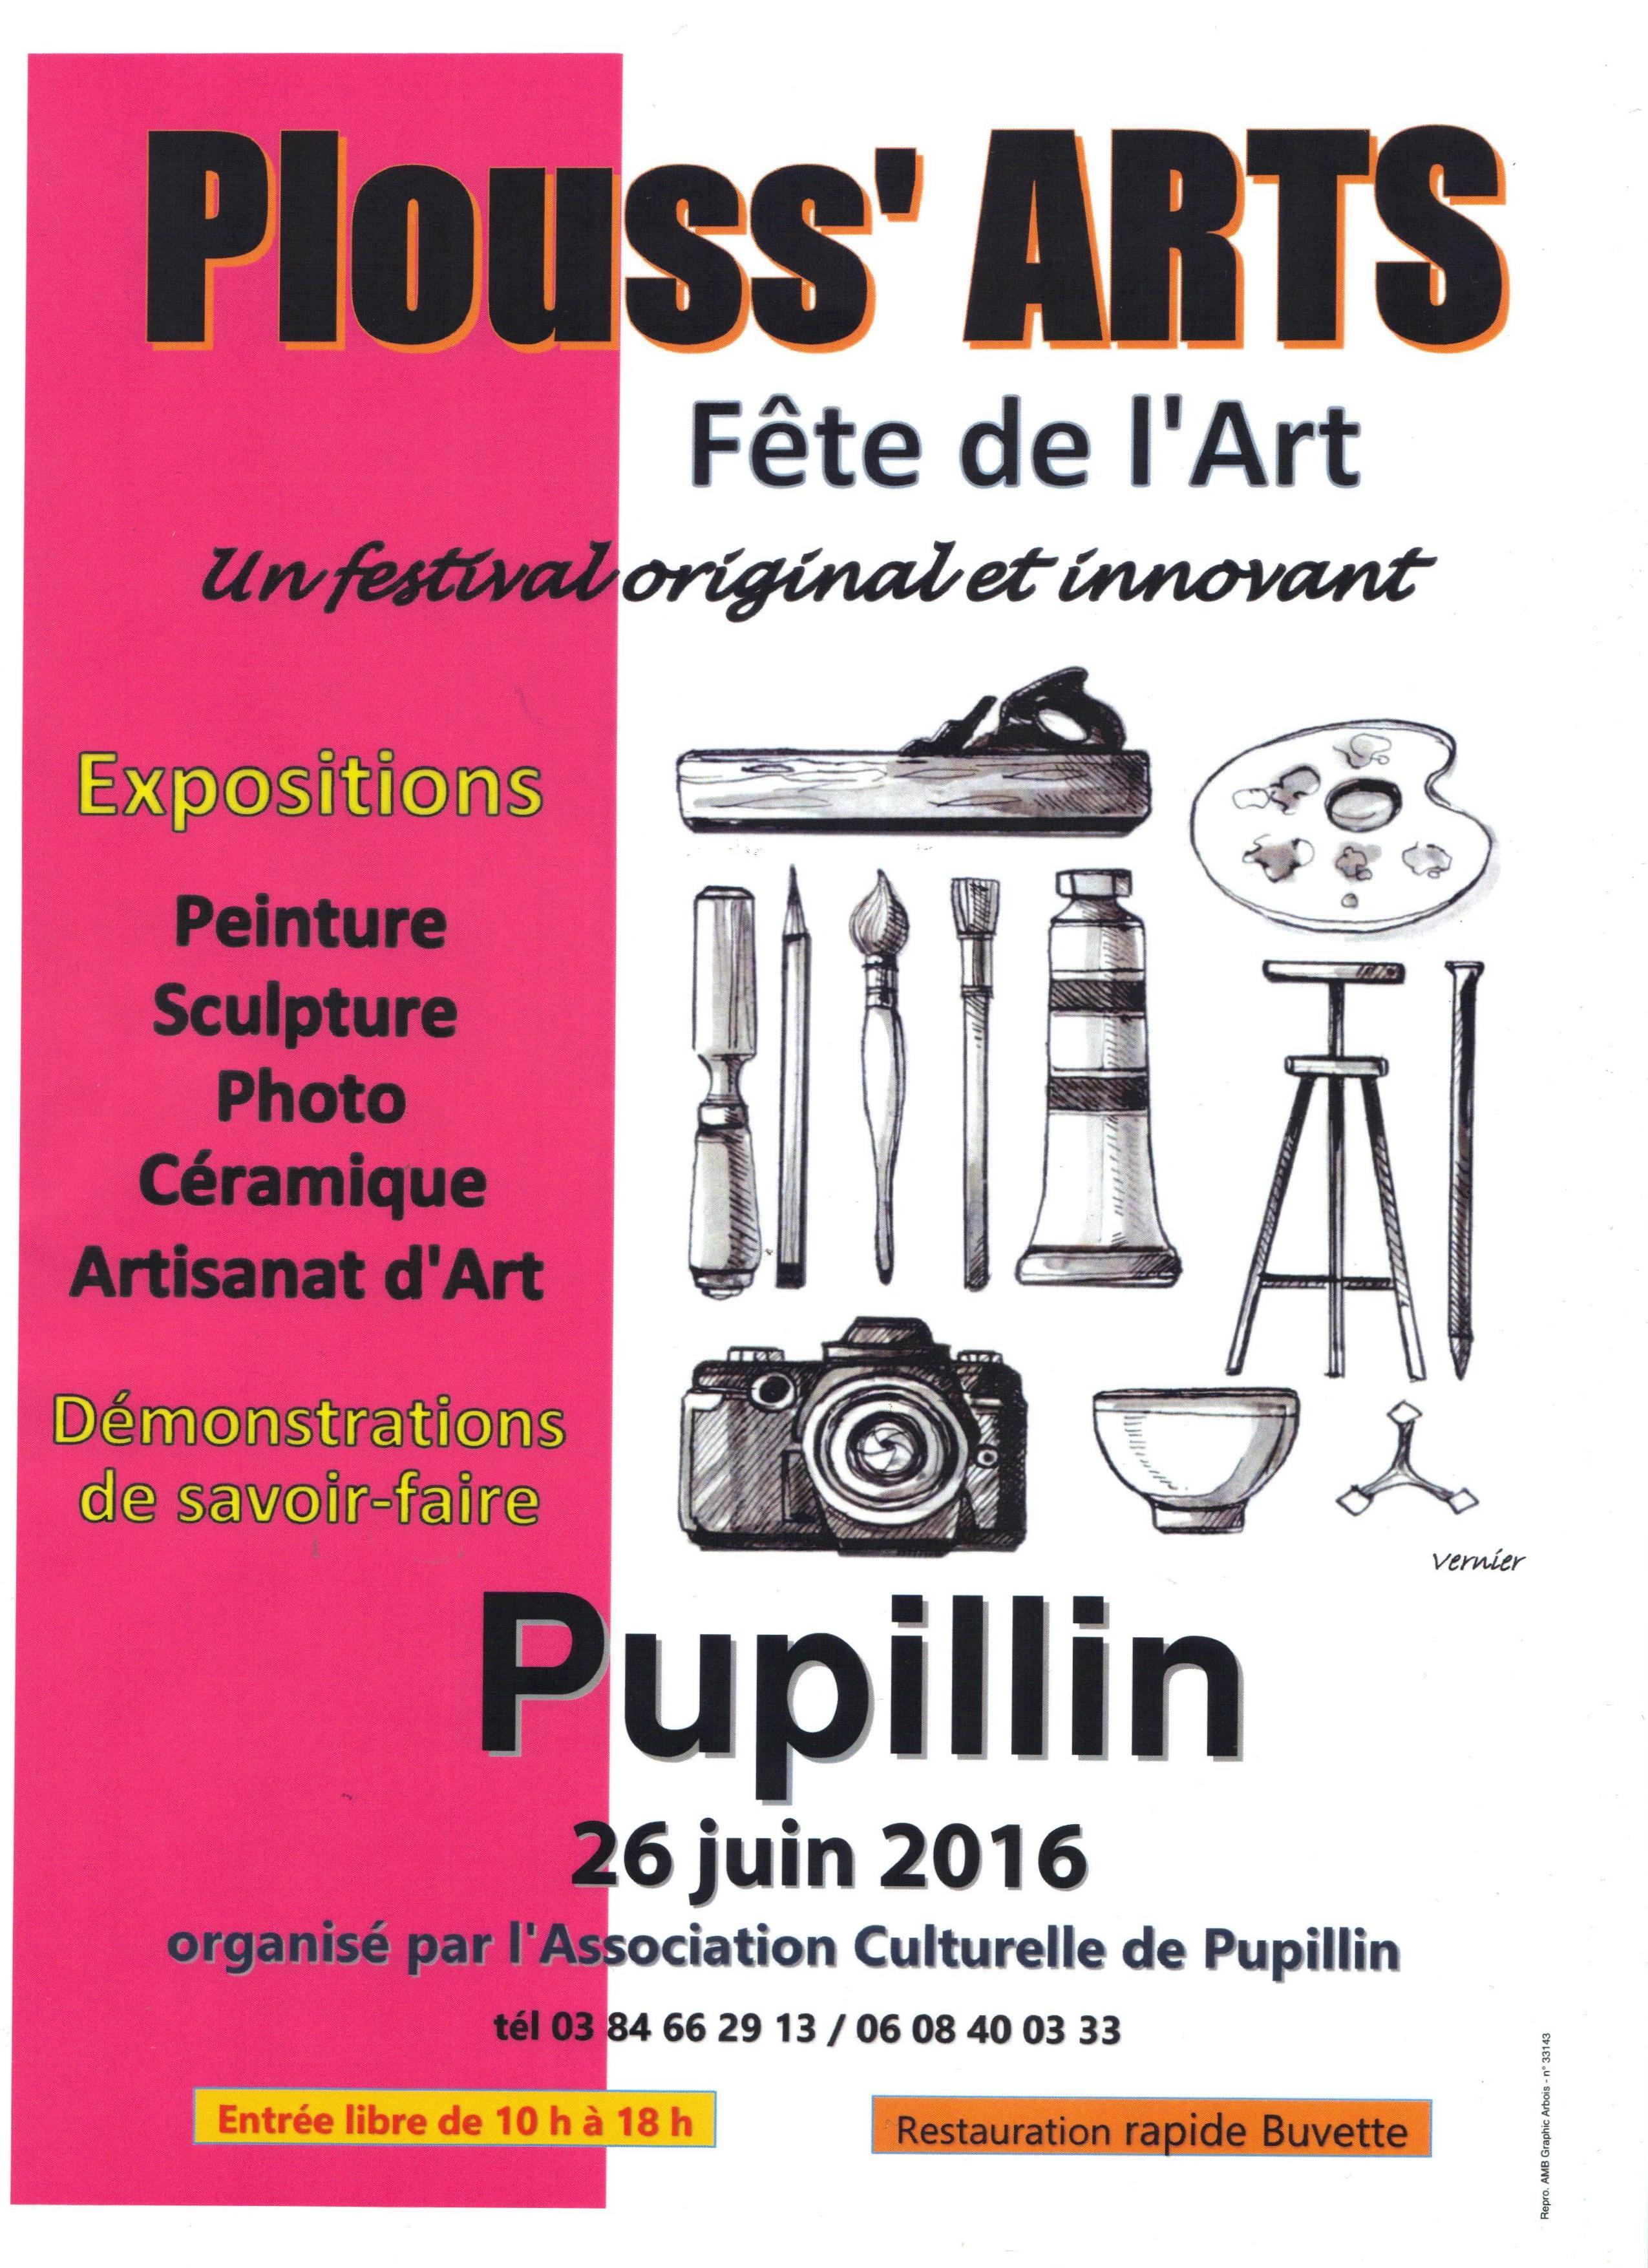 Affiche Plouss'arts 2016 001